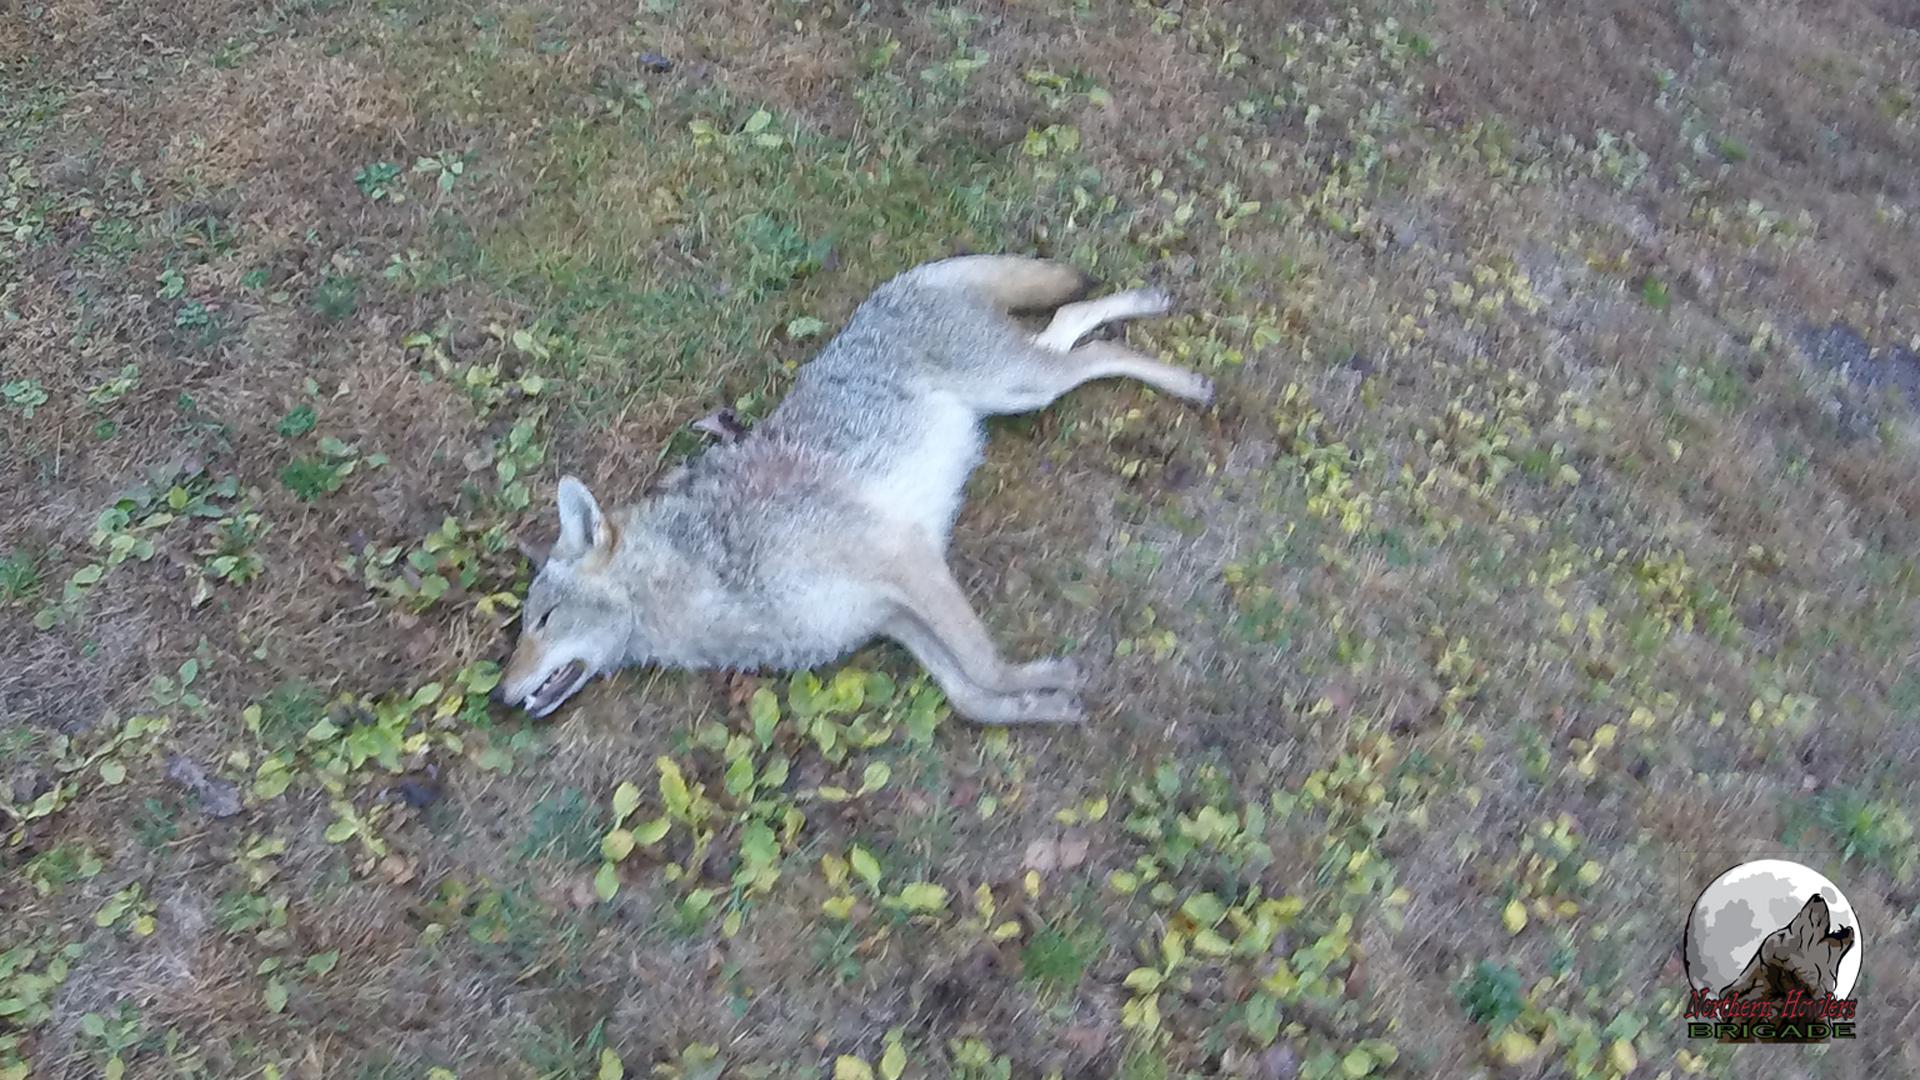 NHB 11-28-2015 Mick coyote 002